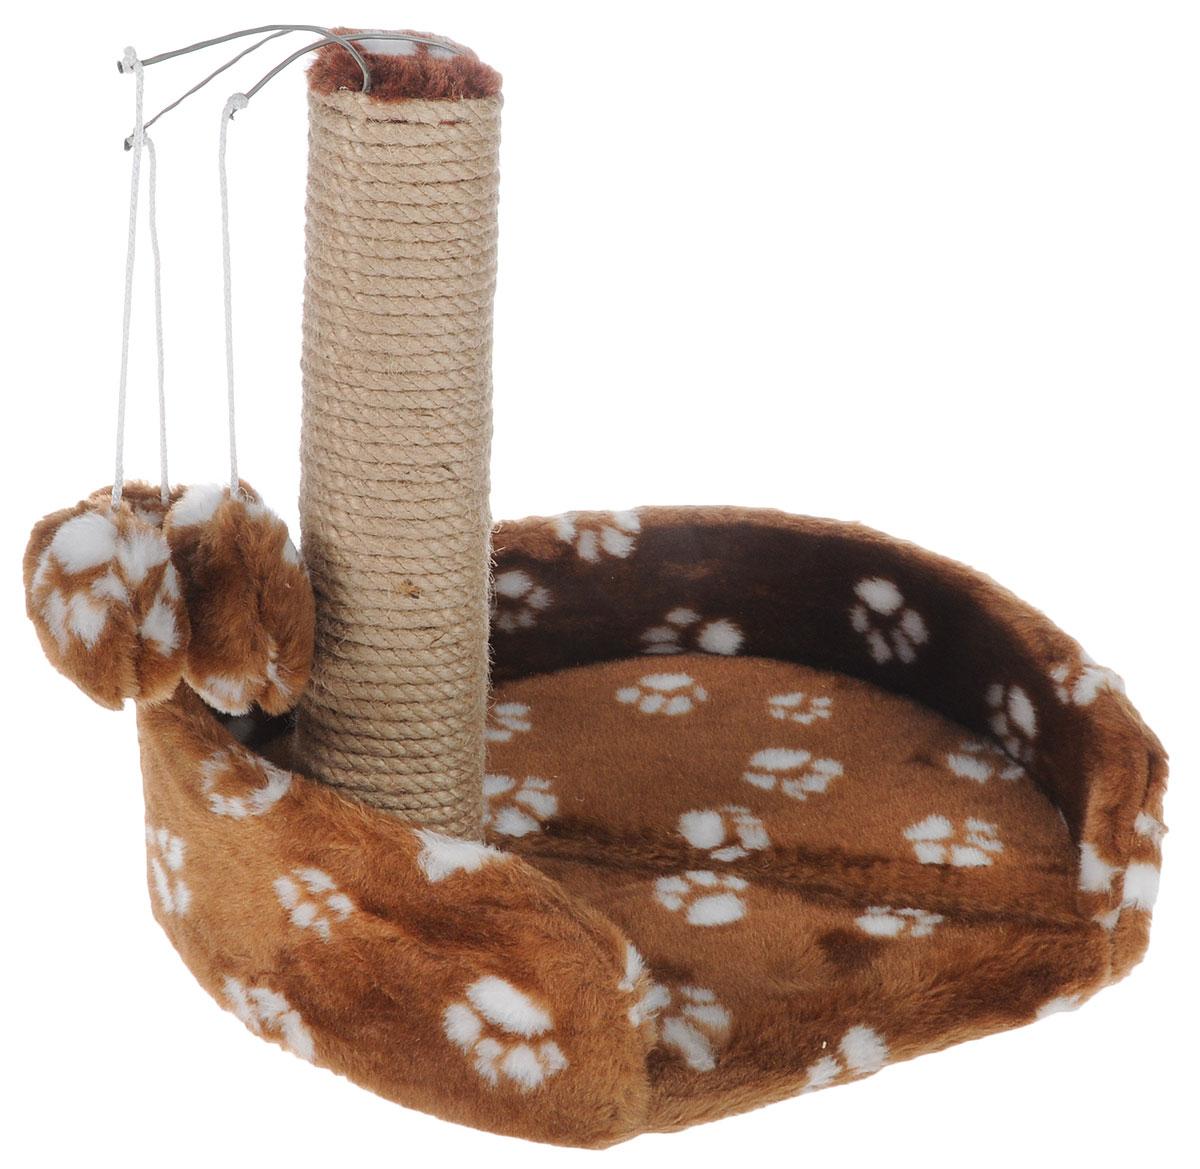 Когтеточка для котят Меридиан, с лежанкой, цвет: коричневый, белый, 34 х 26 х 34 смК705Ла_коричневый, белыйКогтеточка Меридиан поможет сохранить мебель и ковры в доме от когтей вашего любимца, стремящегося удовлетворить свою естественную потребность точить когти. Когтеточка изготовлена из ДВП, ДСП, искусственного меха и джута. Товар продуман в мельчайших деталях и, несомненно, понравится вашему котенку. Изделие имеет лежанку с высокими бортиками, которая идеально подойдет для отдыха животного. Подвесные игрушки привлекут внимание питомца. Всем кошкам необходимо стачивать когти. Когтеточка - один из самых необходимых аксессуаров для кошки. Для приучения к когтеточке можно натереть ее сухой валерьянкой или кошачьей мятой. Когтеточка поможет вашему любимцу стачивать когти и при этом не портить вашу мебель.